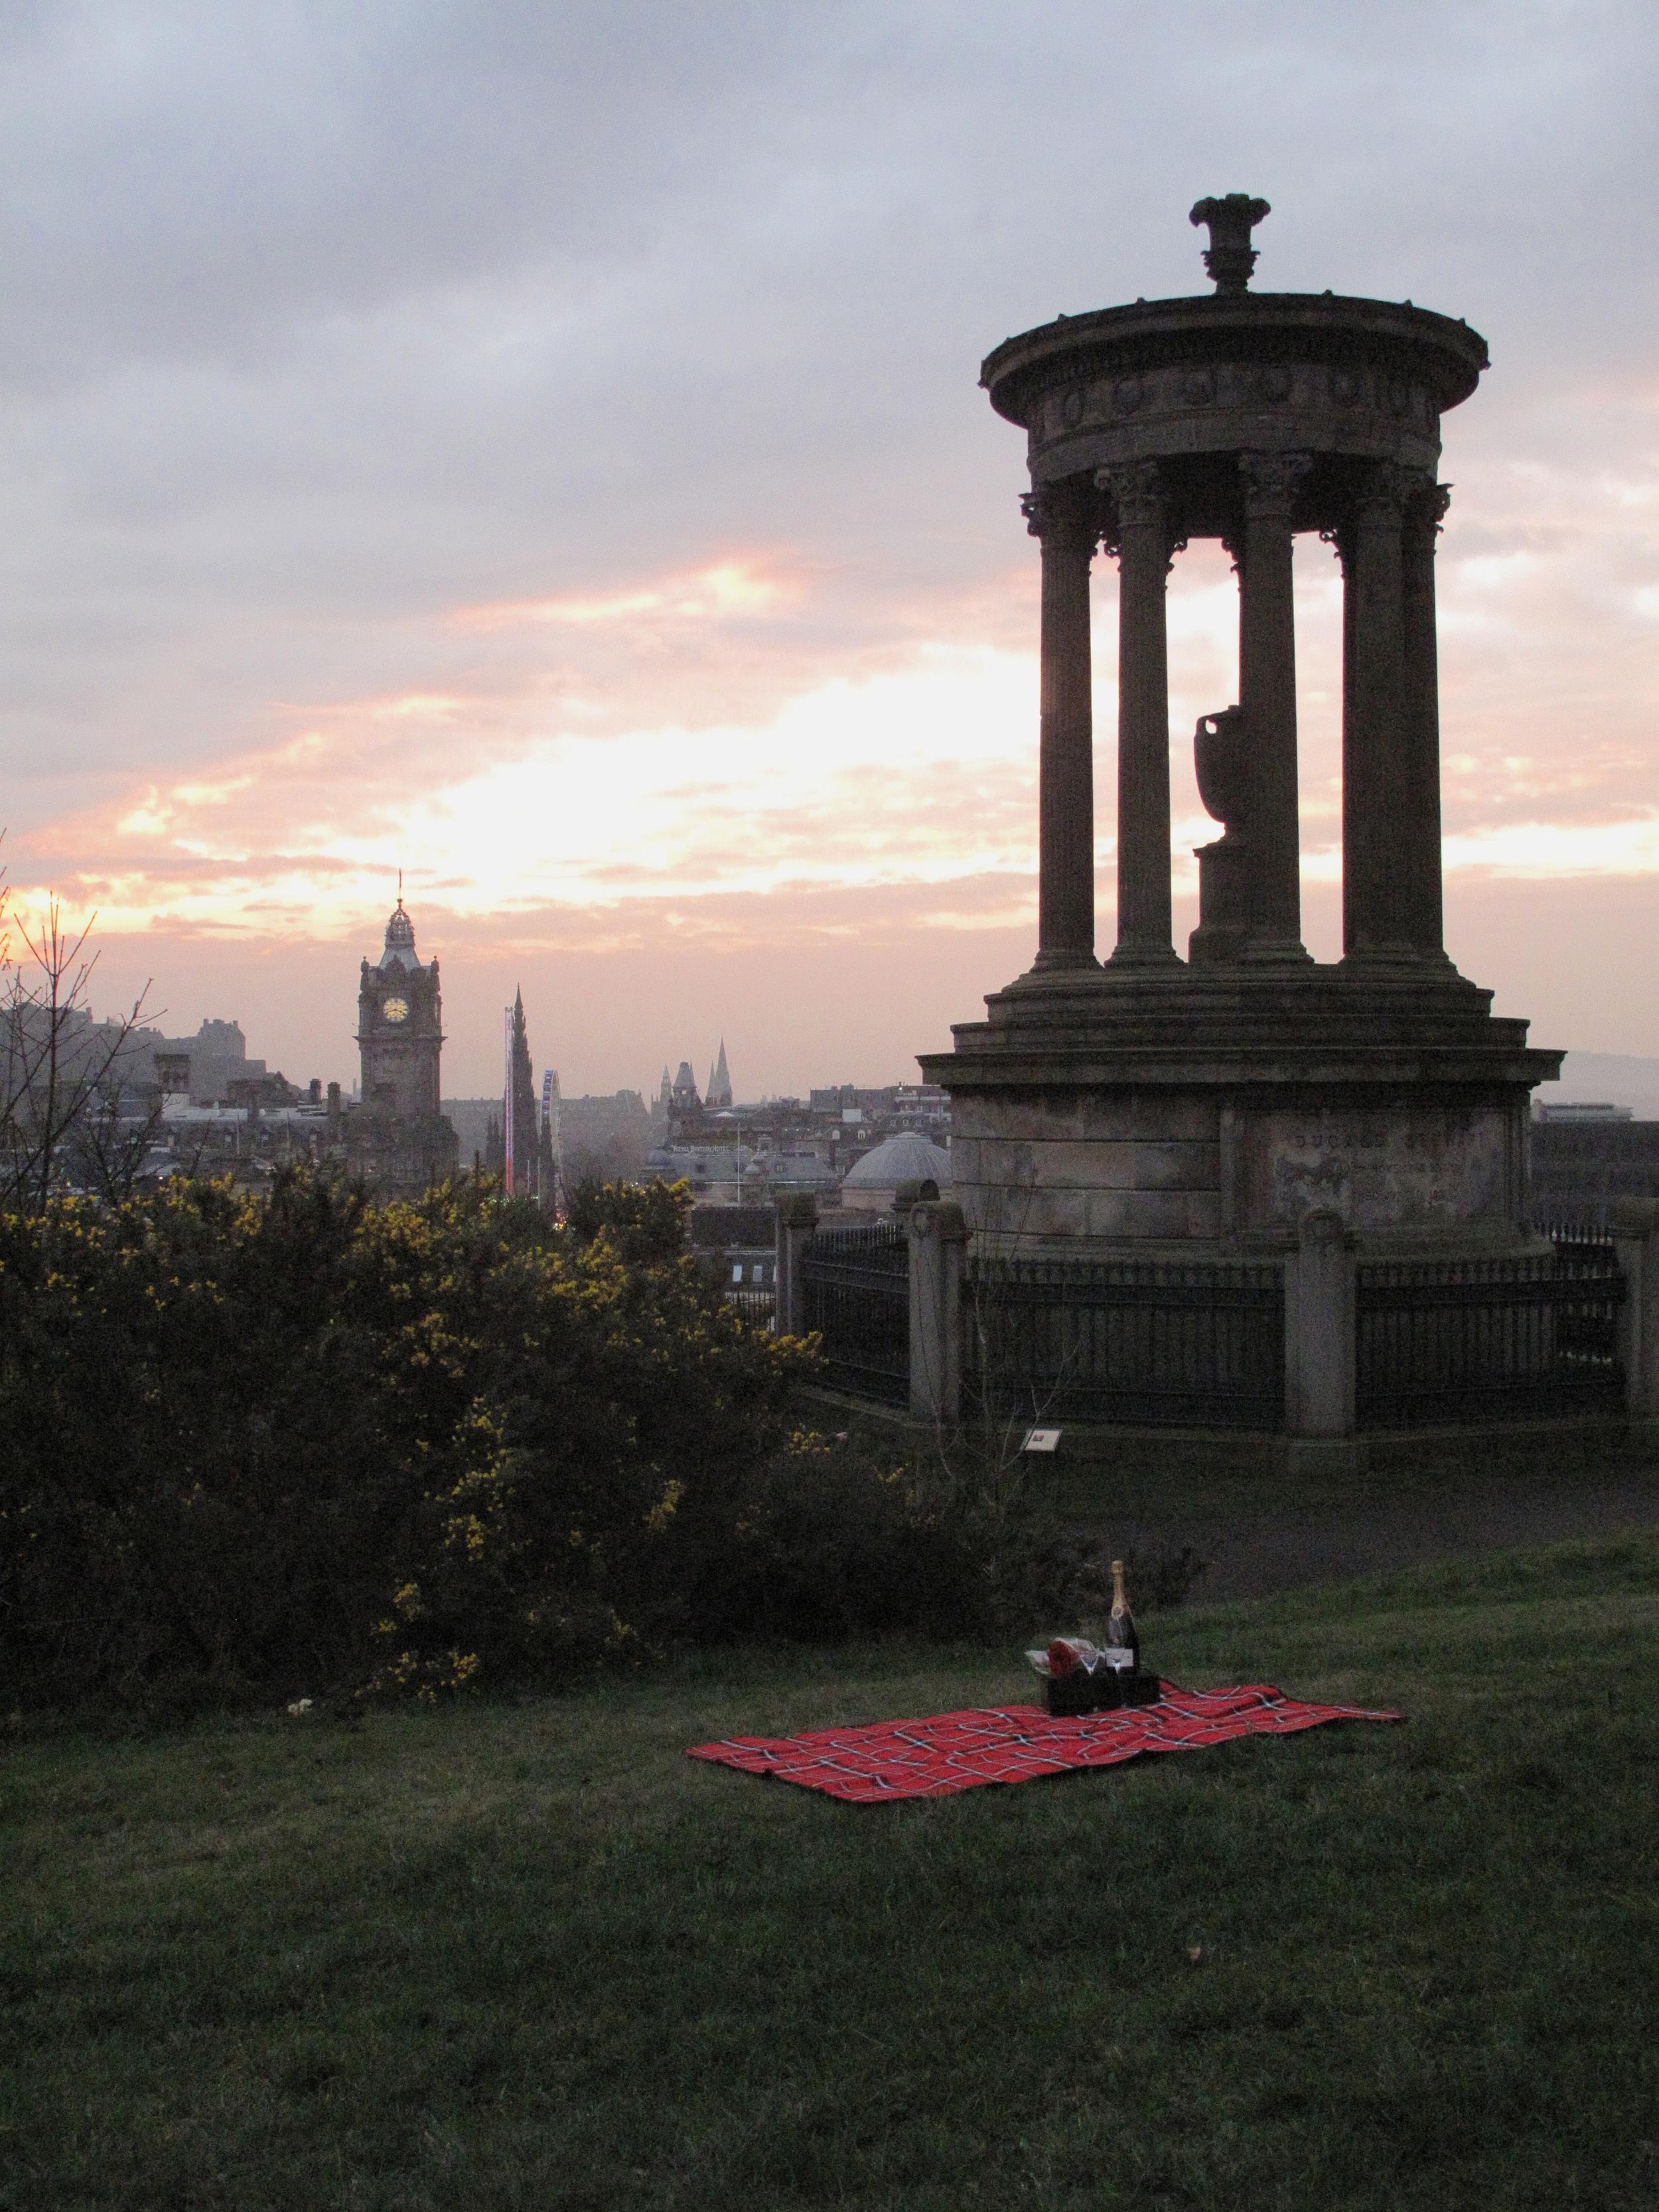 a picnic spread on Calton Hill